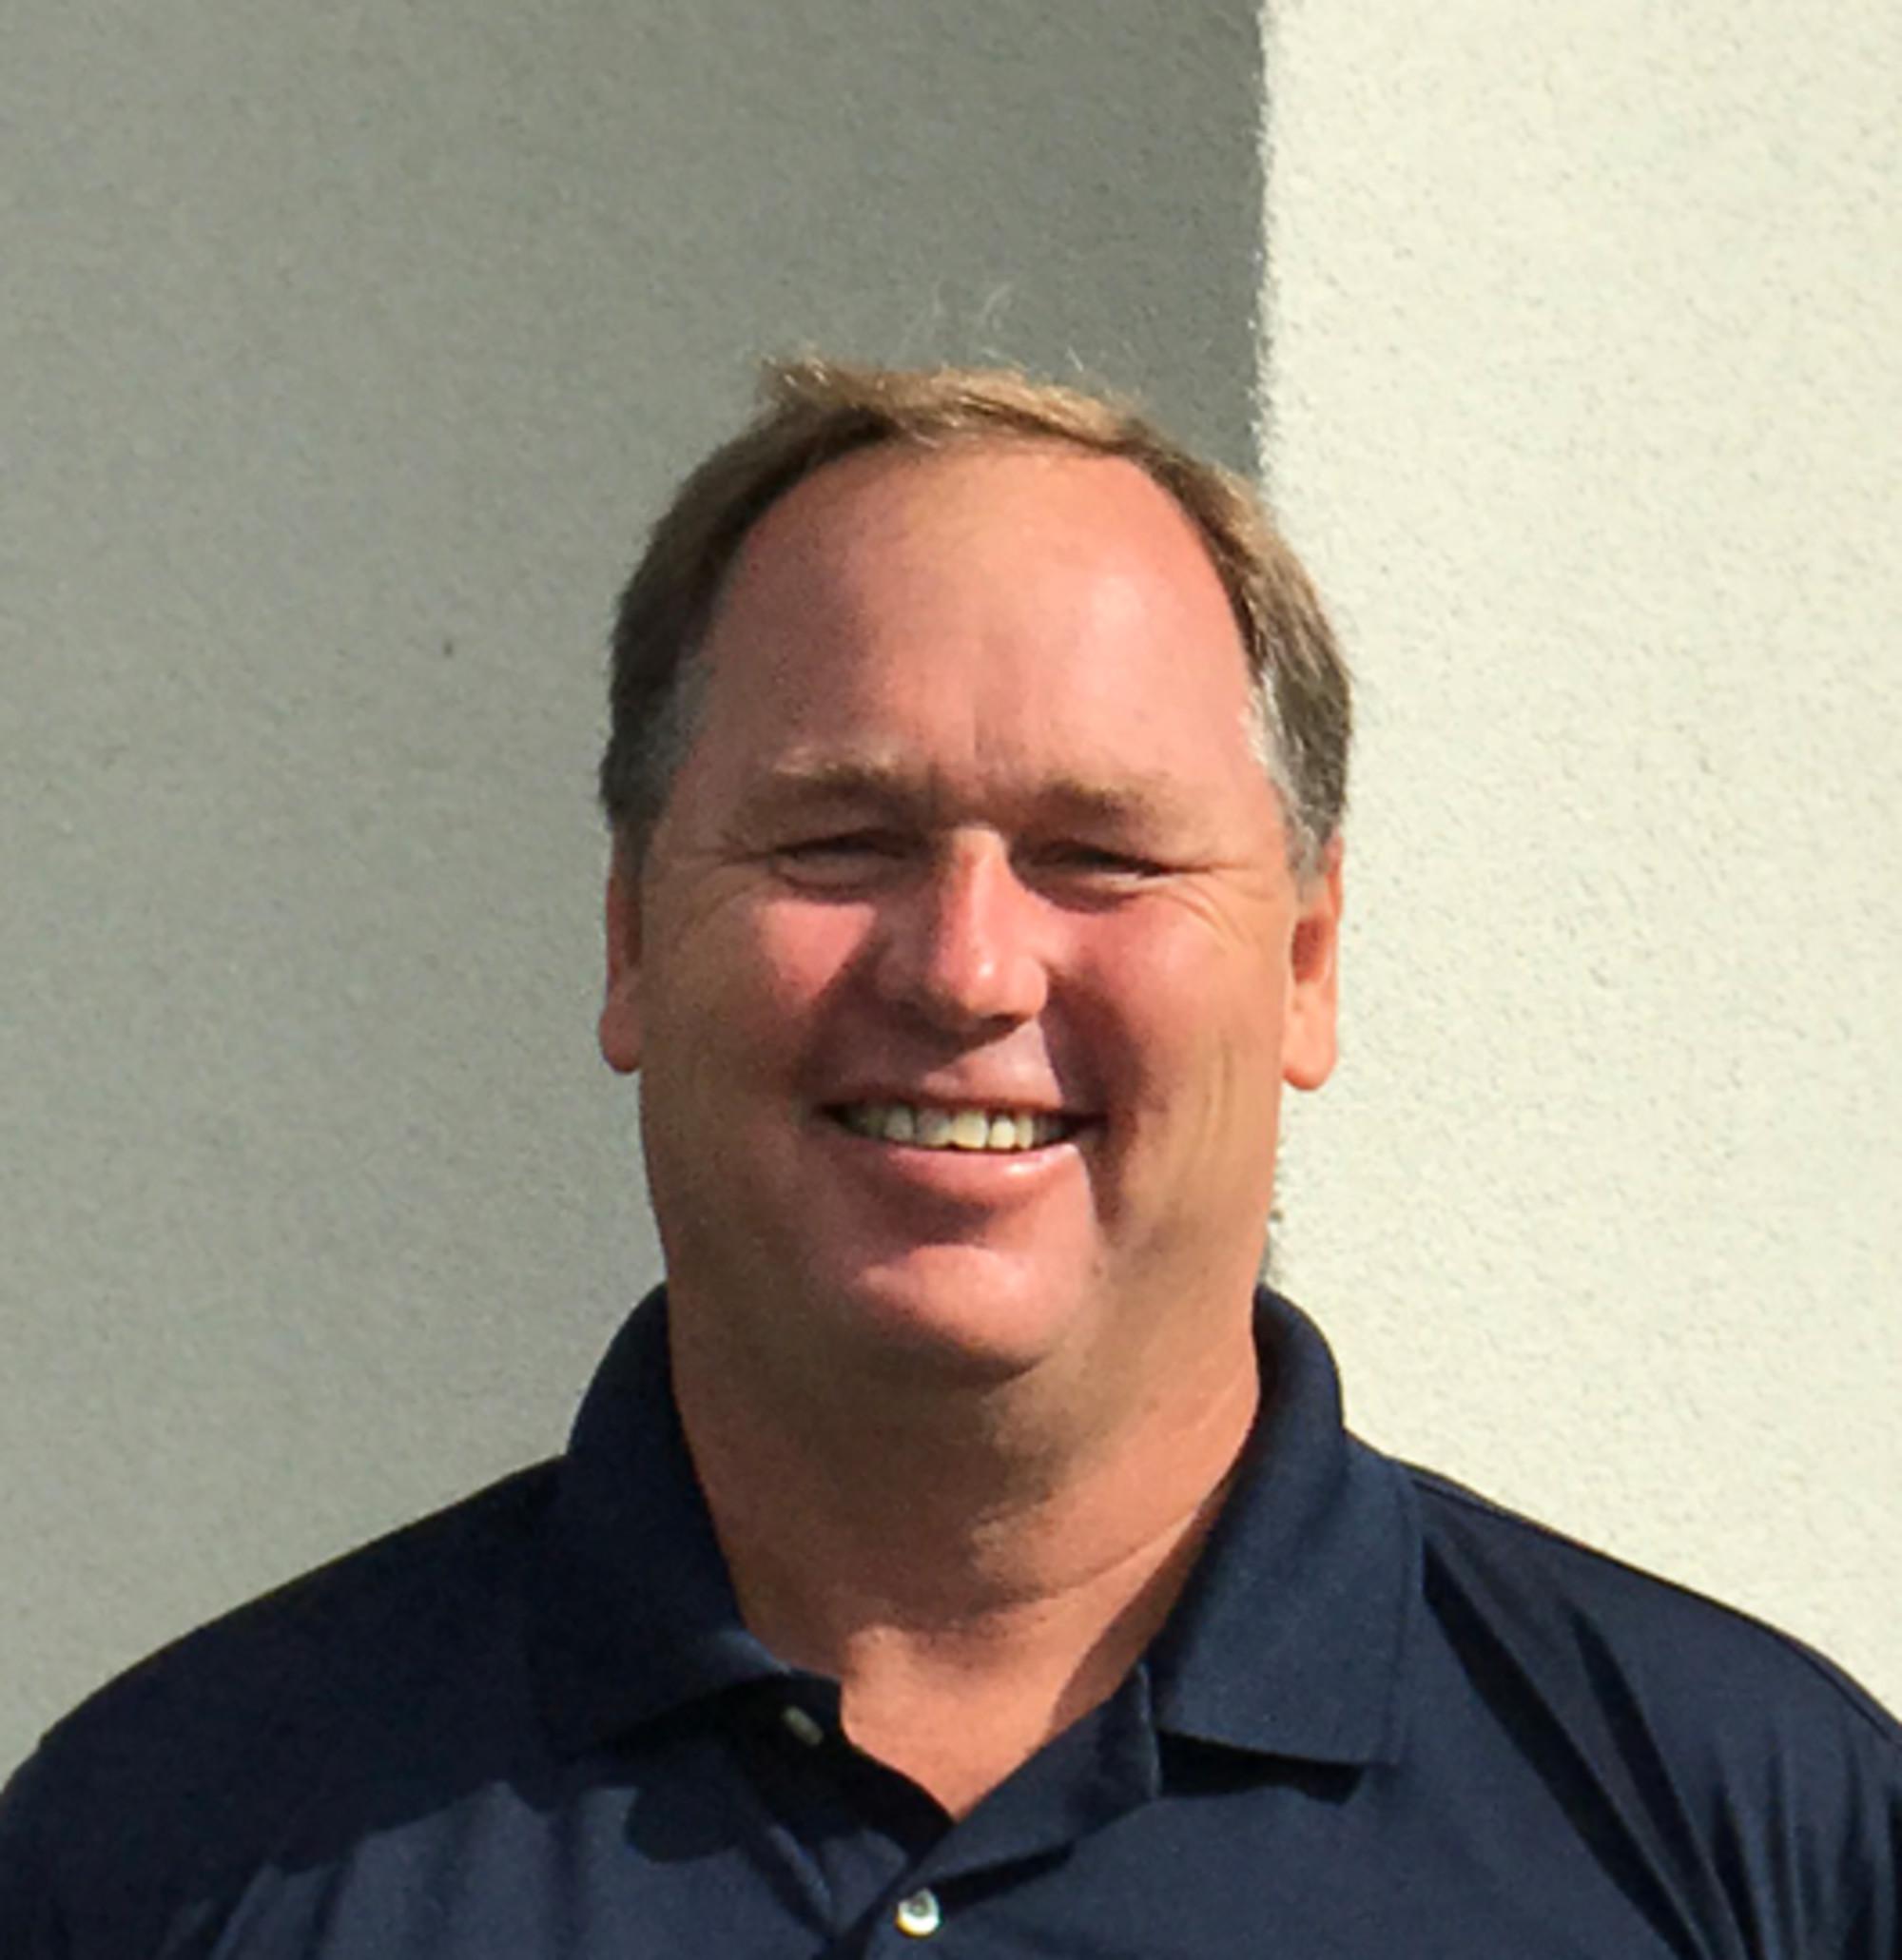 Craig Beckler